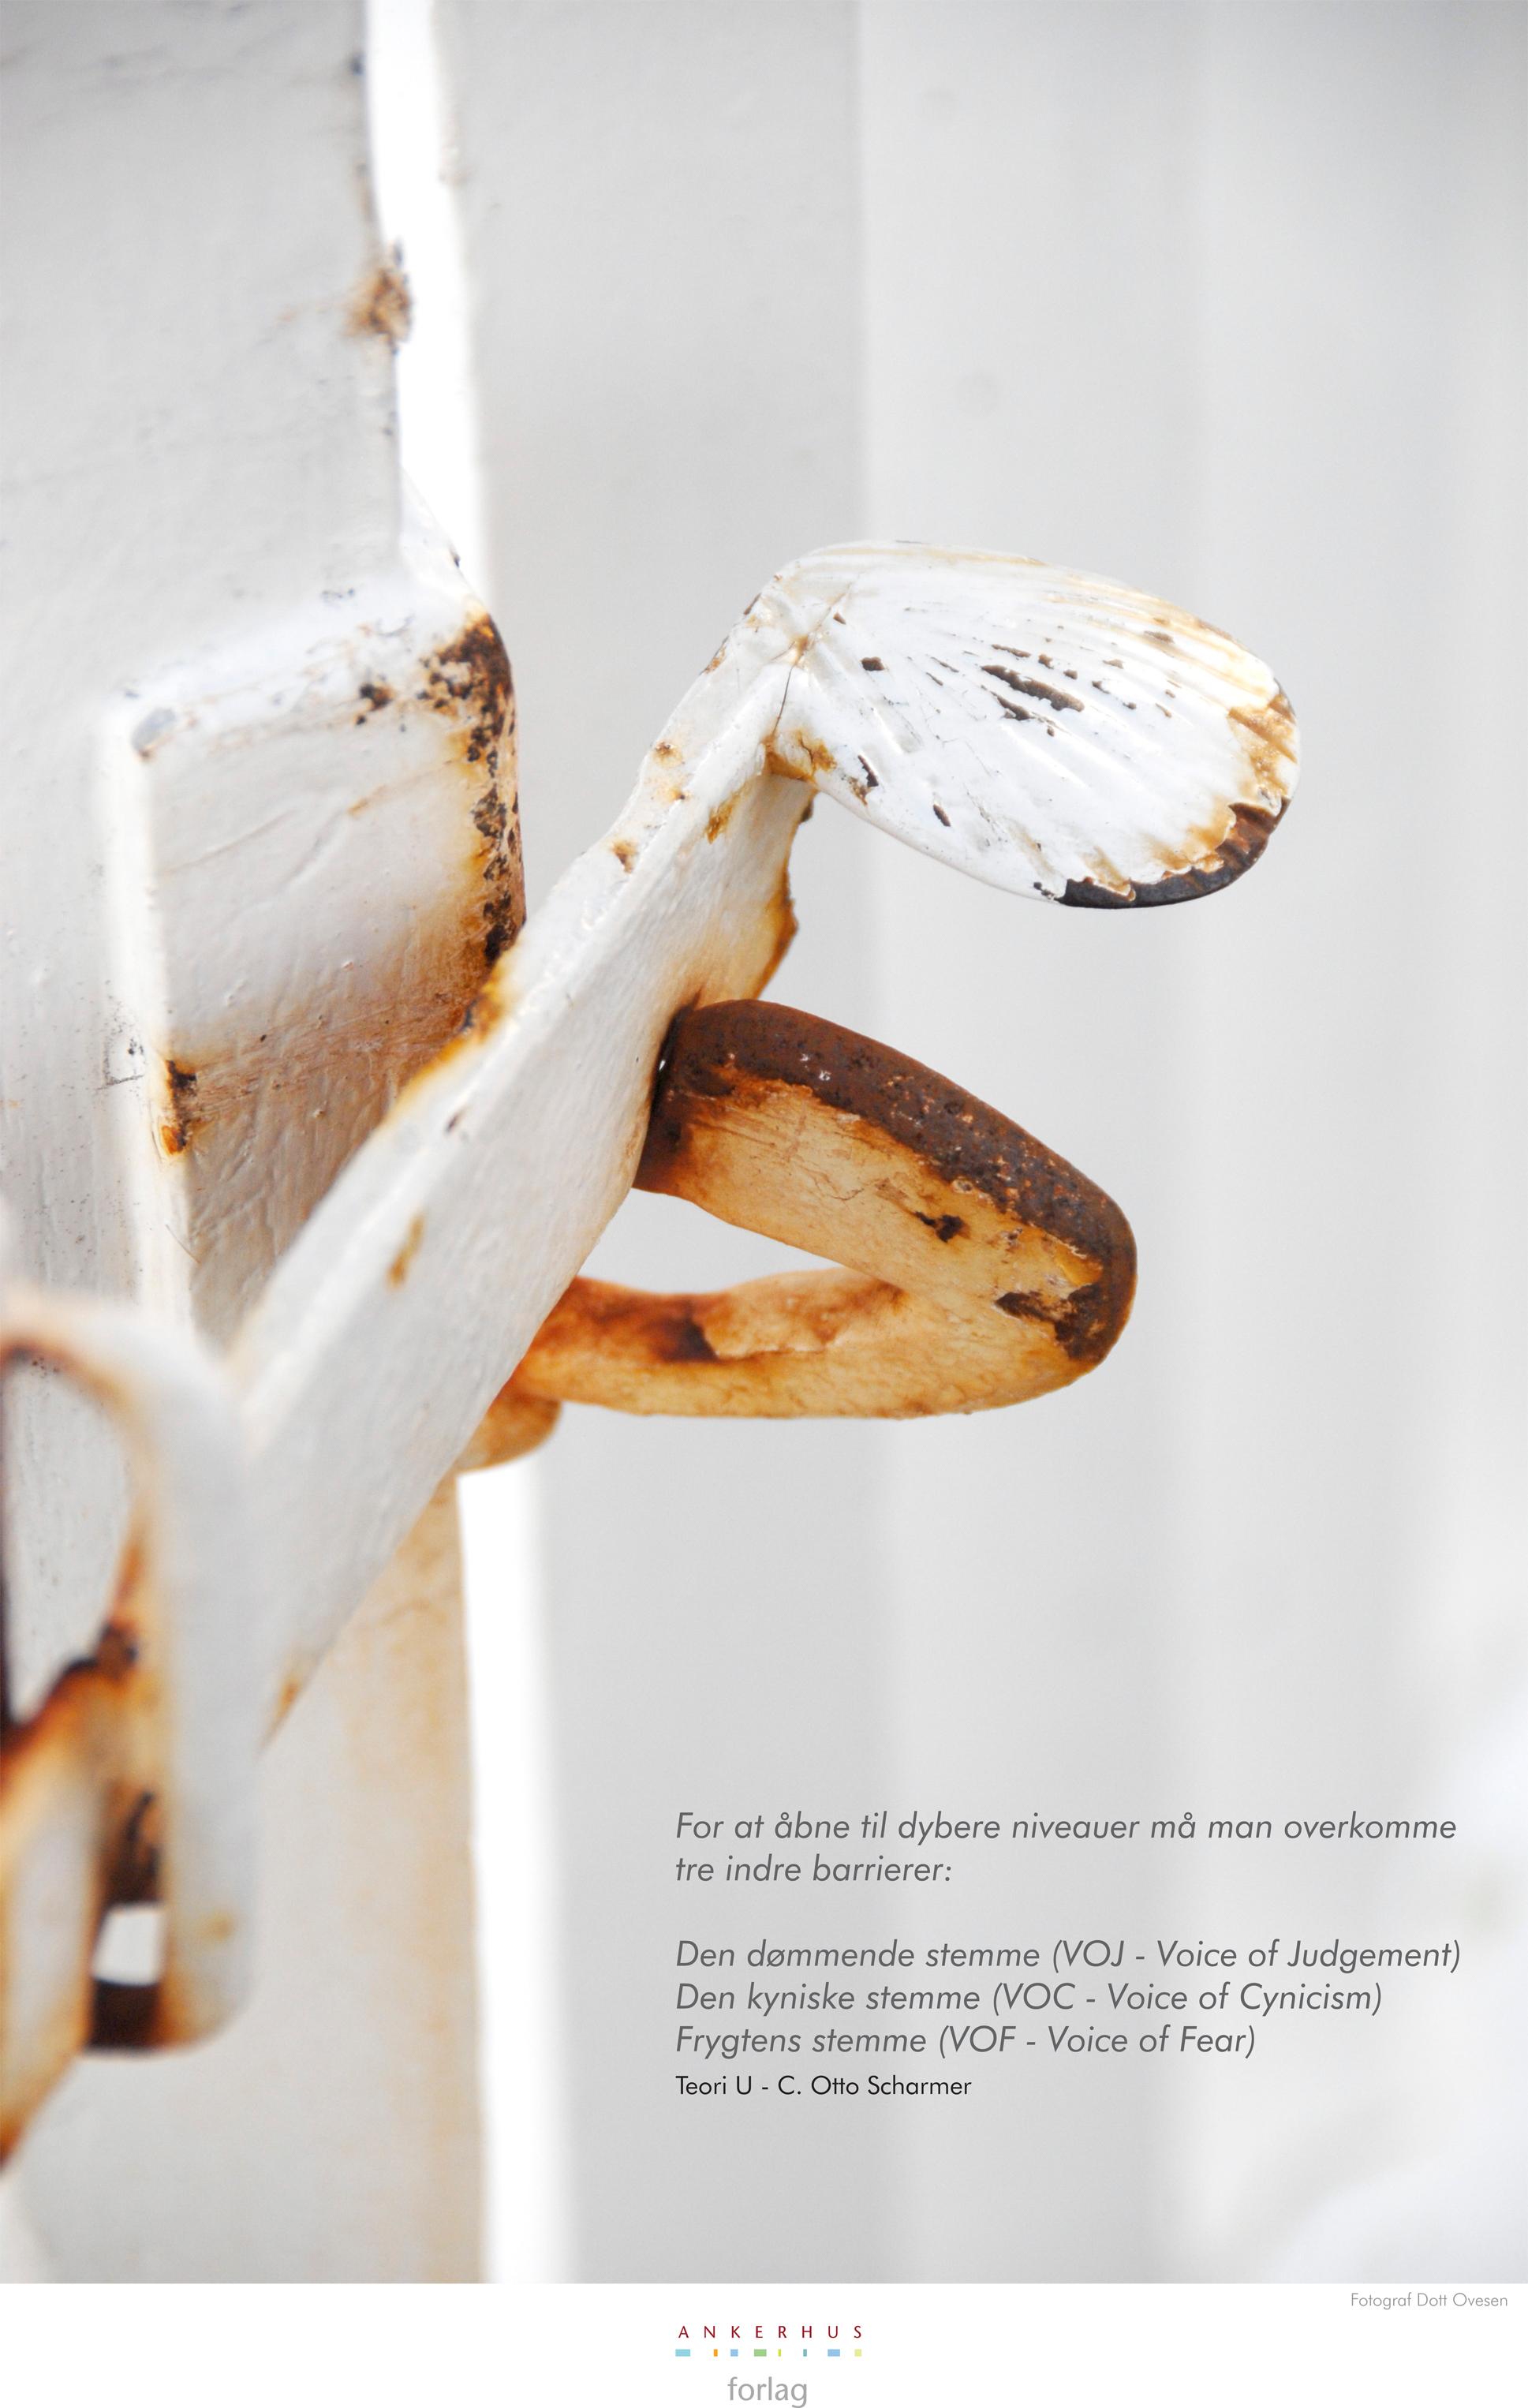 Plakat- oplæg til Ankerhus Forlag - FOTO: DOTT OVESEN